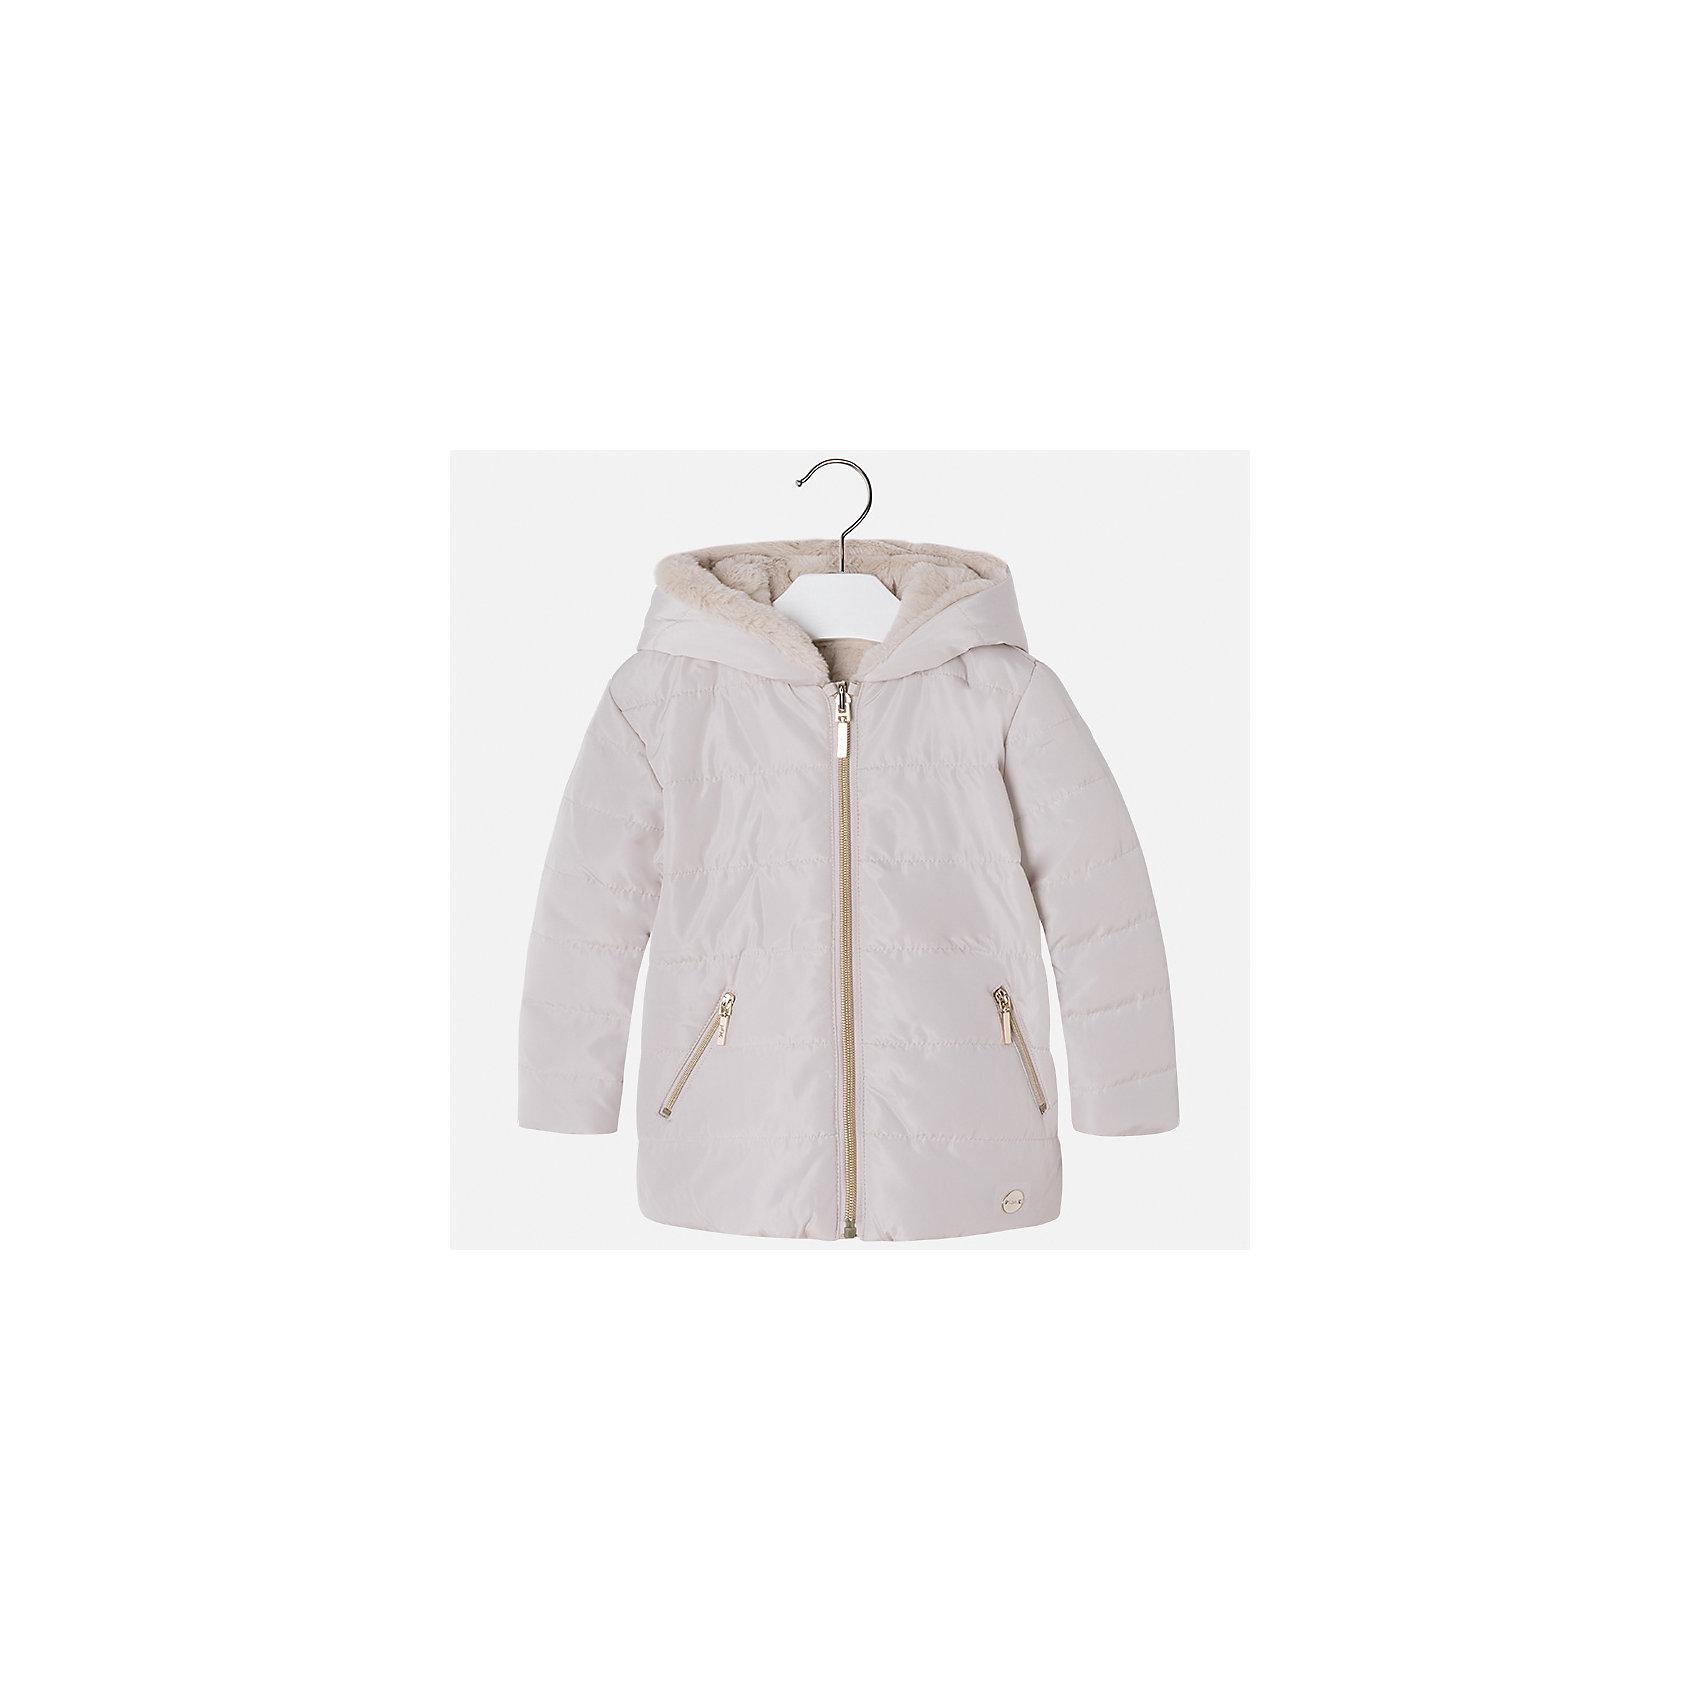 Куртка Mayoral для девочкиДемисезонные куртки<br>Характеристики товара:<br><br>• цвет: бежевый<br>• состав ткани: 100% полиамид, подклад - 100% полиэстер, утеплитель - 100% полиэстер<br>• застежка: молния<br>• капюшон<br>• двусторонняя<br>• сезон: демисезон<br>• температурный режим: от 0 до -10С<br>• страна бренда: Испания<br>• страна изготовитель: Китай<br><br>Розовая двусторонняя куртка красивой расцветки сделана из качественного материала. Такая куртка для девочки от бренда Майорал поможет ребенку выглядеть модно и чувствовать себя комфортно. <br><br>Для производства детской одежды популярный бренд Mayoral использует только качественную фурнитуру и материалы. Оригинальные и модные вещи от Майорал неизменно привлекают внимание и нравятся детям.<br><br>Куртку для девочки Mayoral (Майорал) можно купить в нашем интернет-магазине.<br><br>Ширина мм: 356<br>Глубина мм: 10<br>Высота мм: 245<br>Вес г: 519<br>Цвет: бежевый<br>Возраст от месяцев: 48<br>Возраст до месяцев: 60<br>Пол: Женский<br>Возраст: Детский<br>Размер: 110,116,92,122,98,128,134,104<br>SKU: 6924587